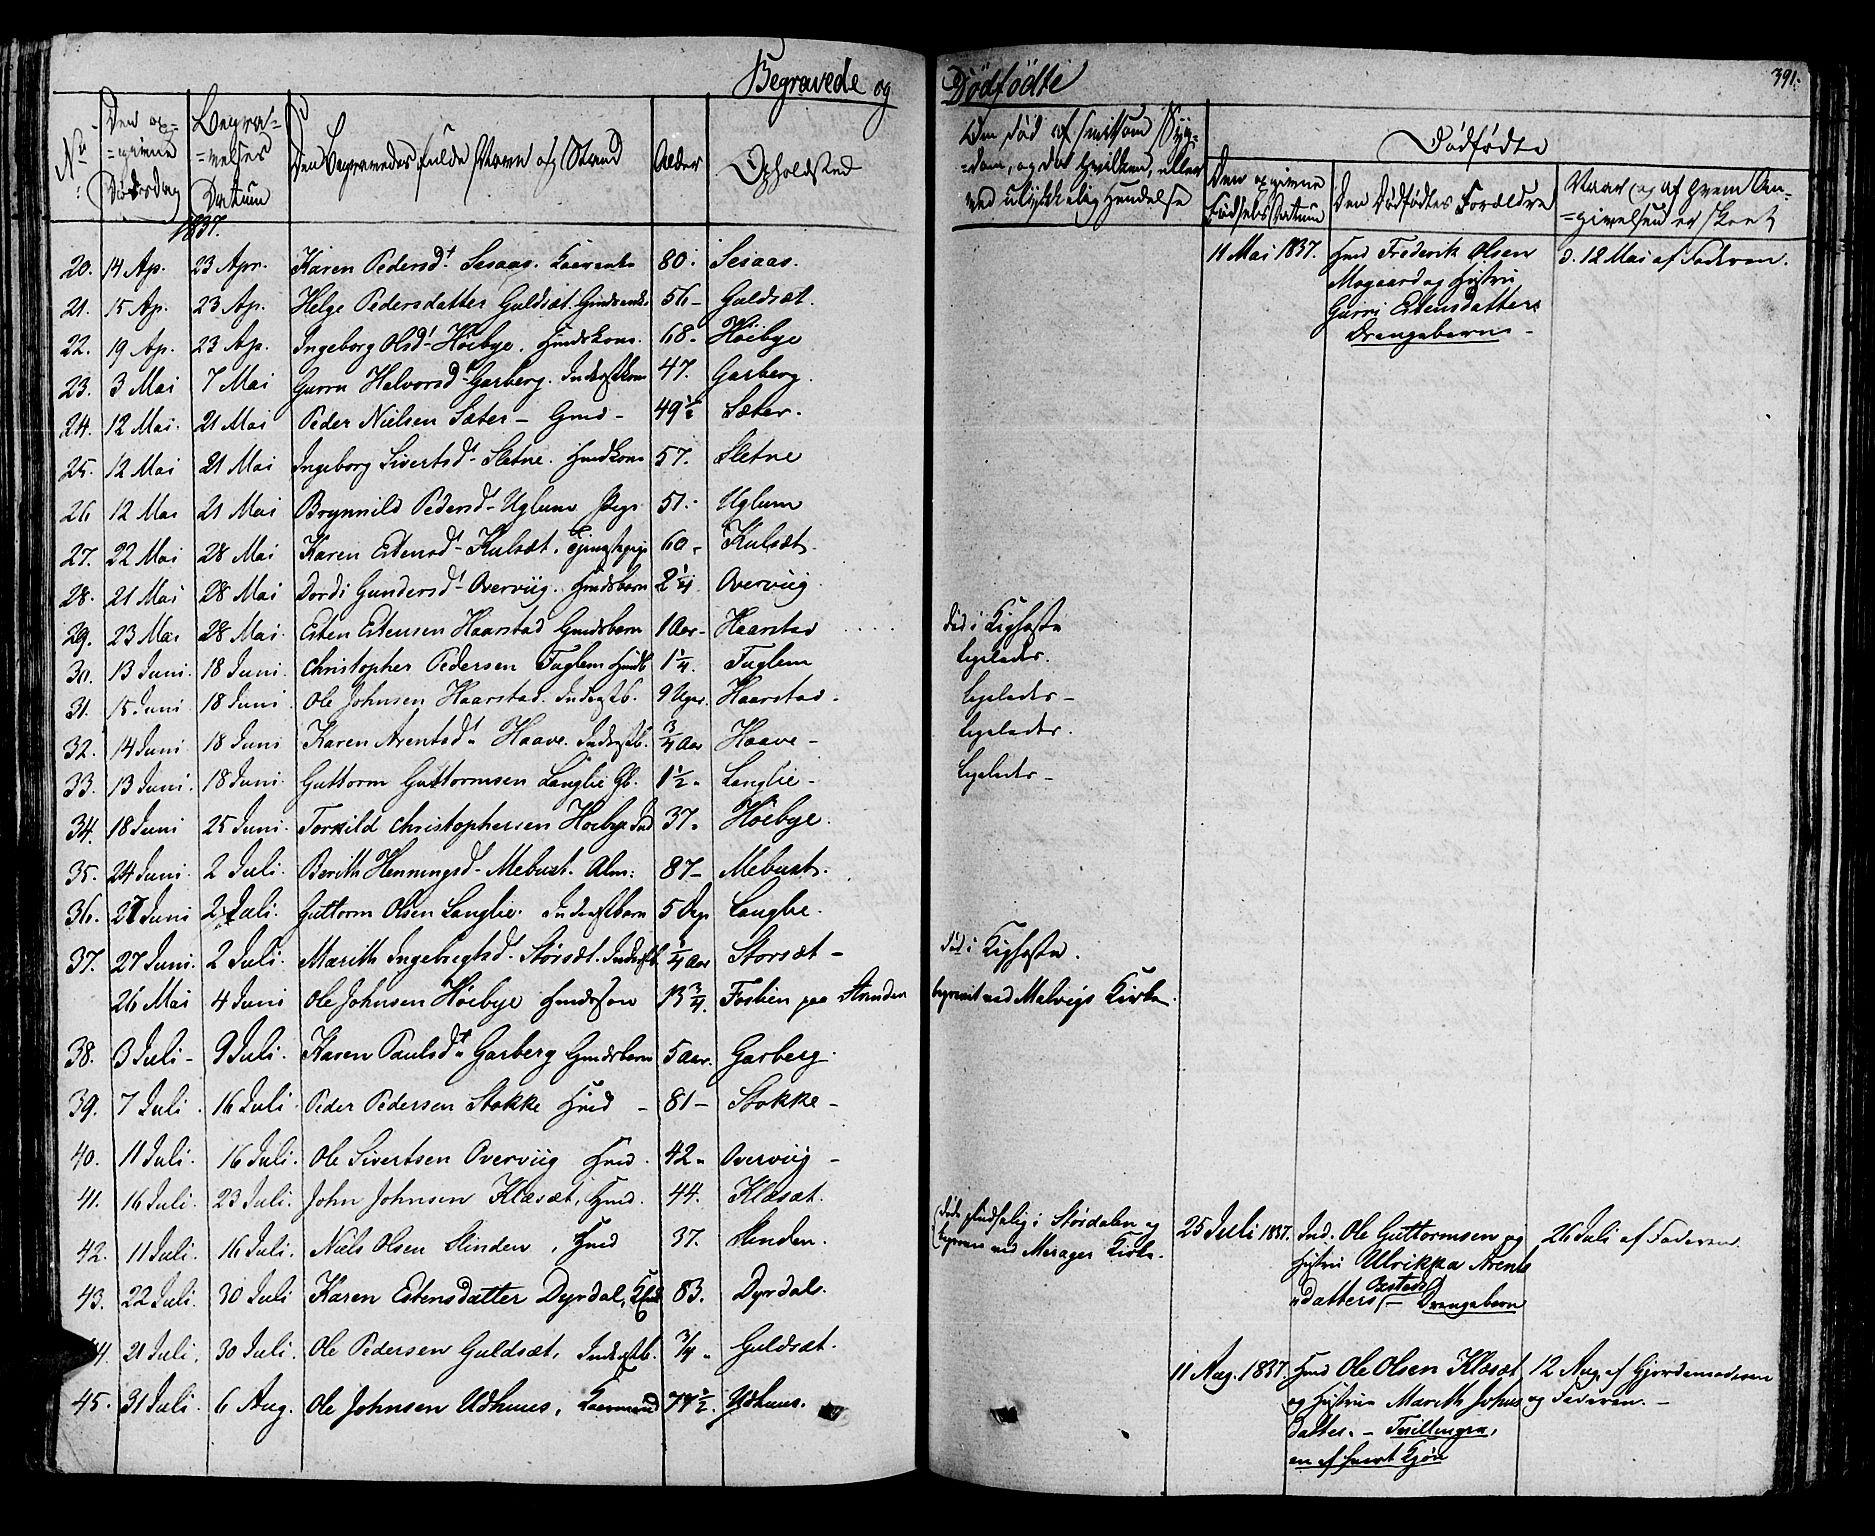 SAT, Ministerialprotokoller, klokkerbøker og fødselsregistre - Sør-Trøndelag, 695/L1143: Ministerialbok nr. 695A05 /1, 1824-1842, s. 391